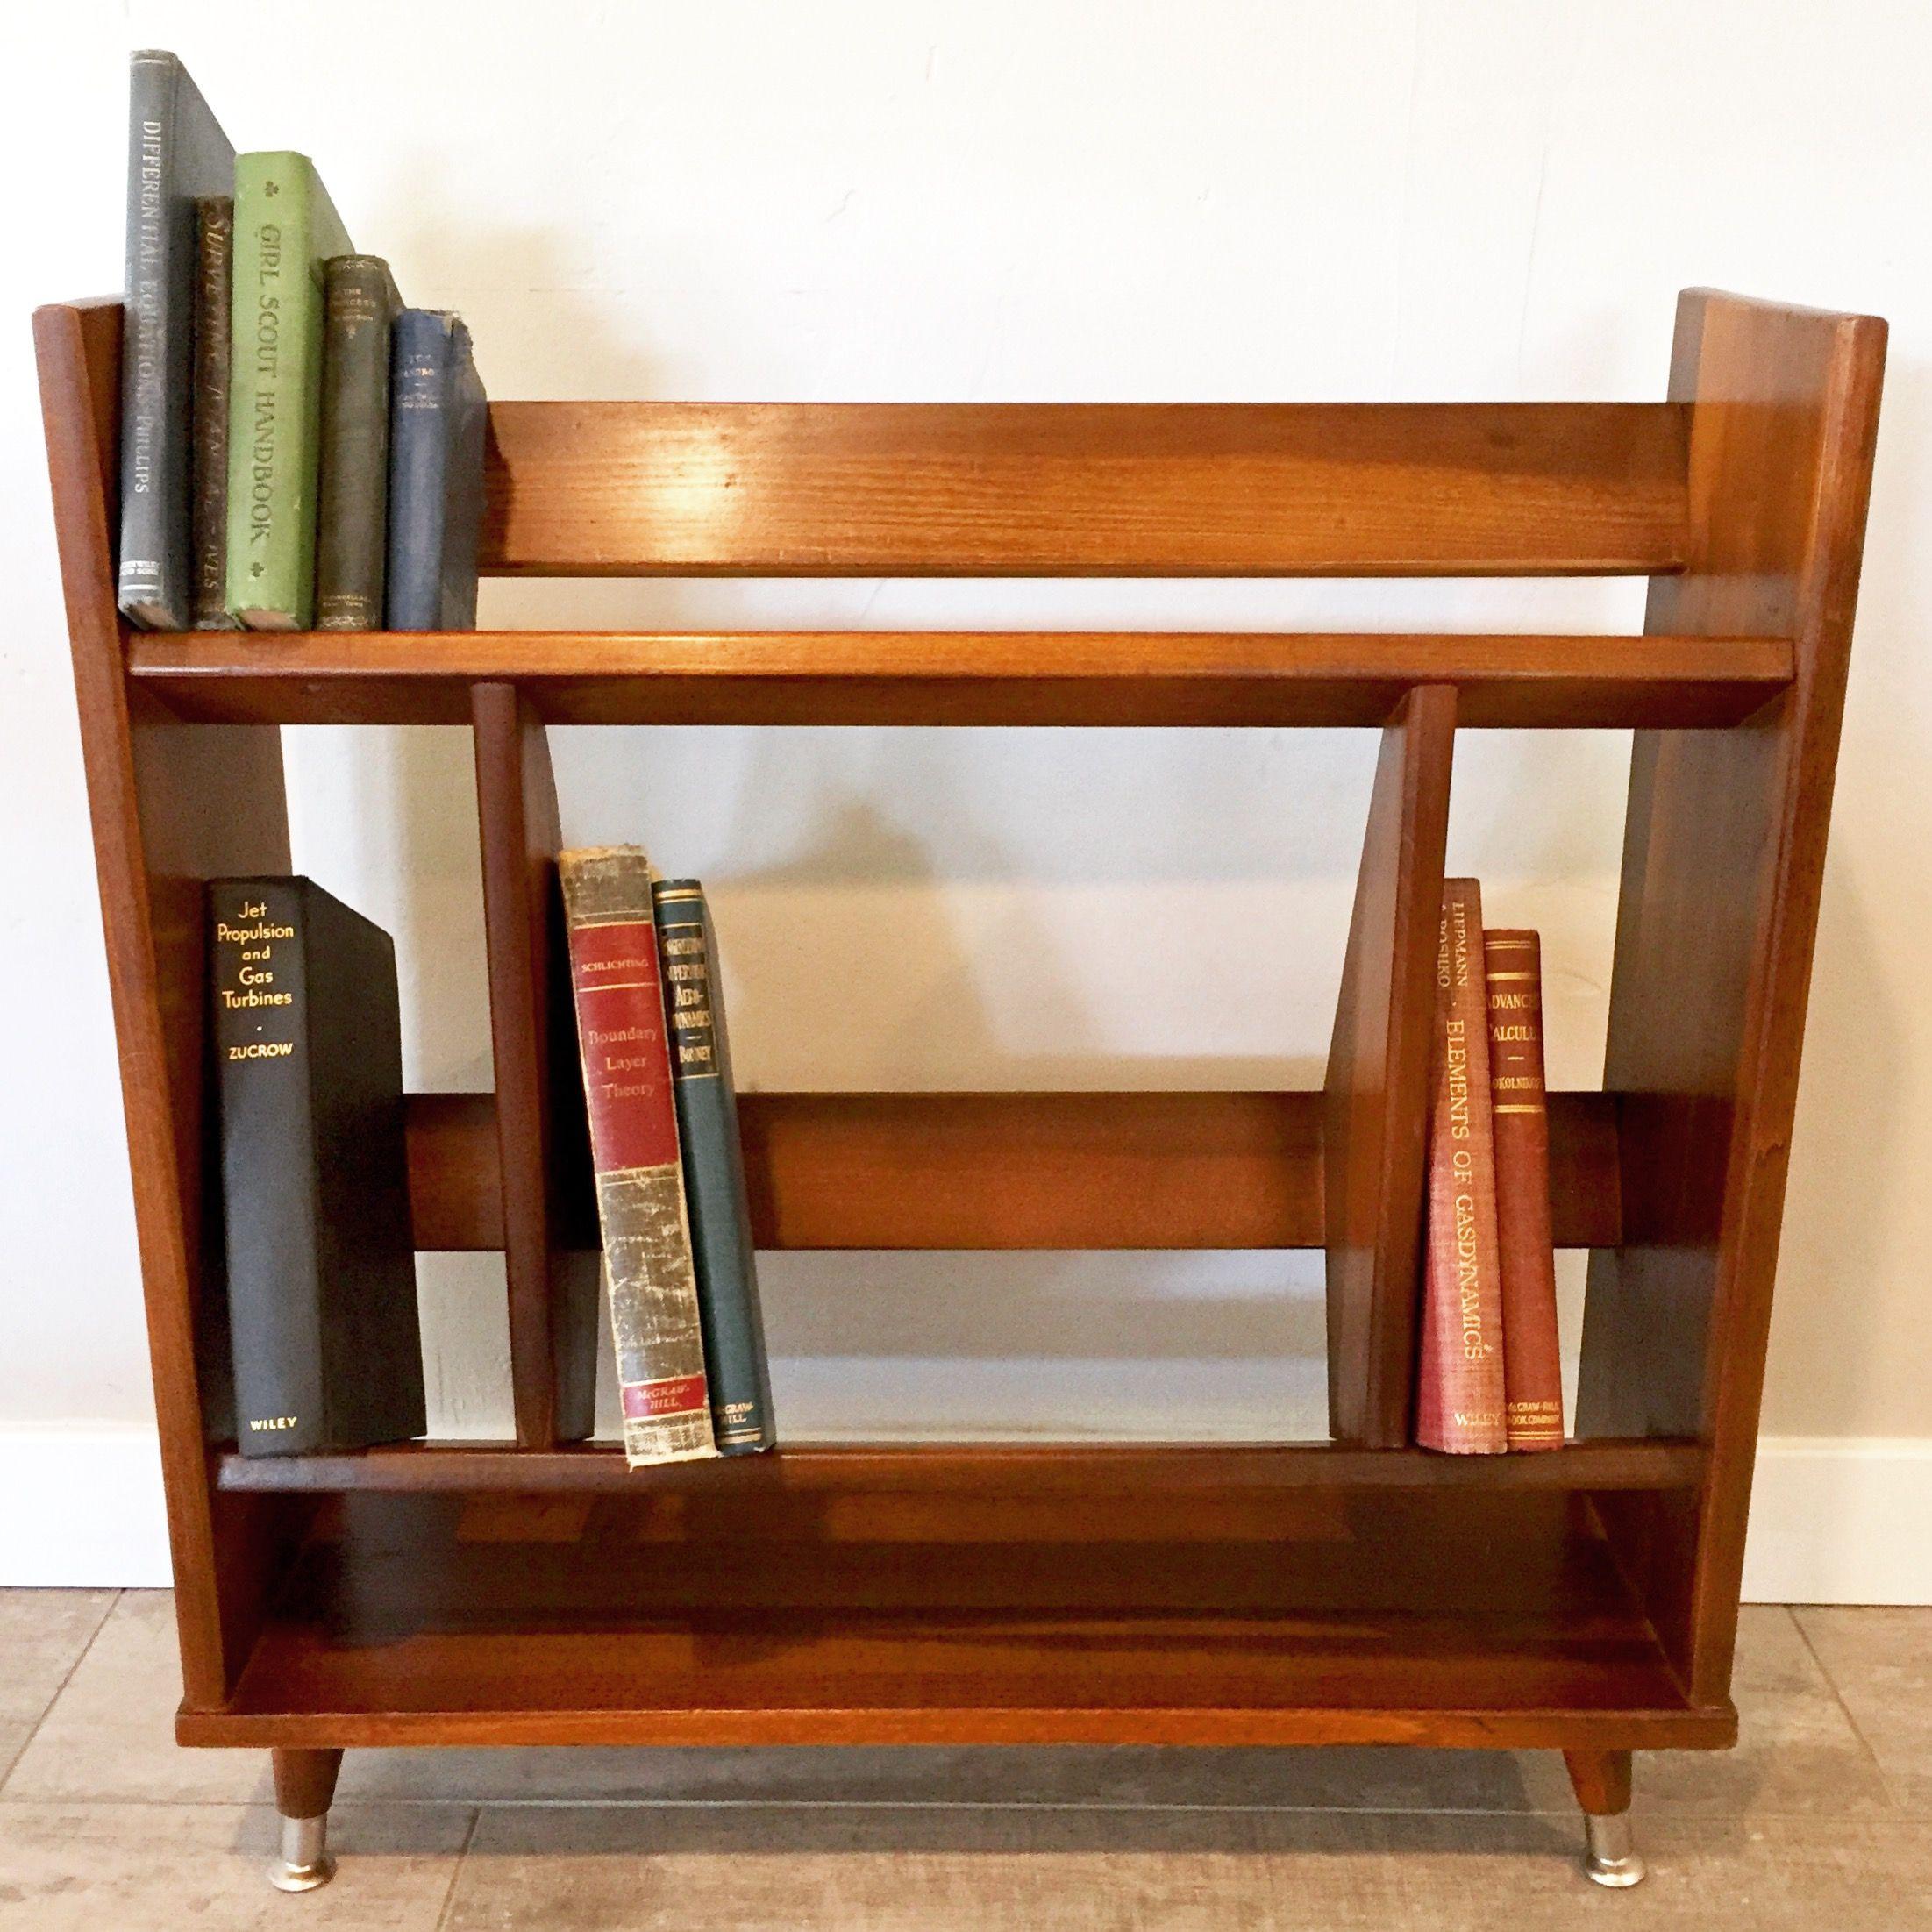 Mini Mod Encyclopedia Bookshelf MCM by DTAB Pinterest